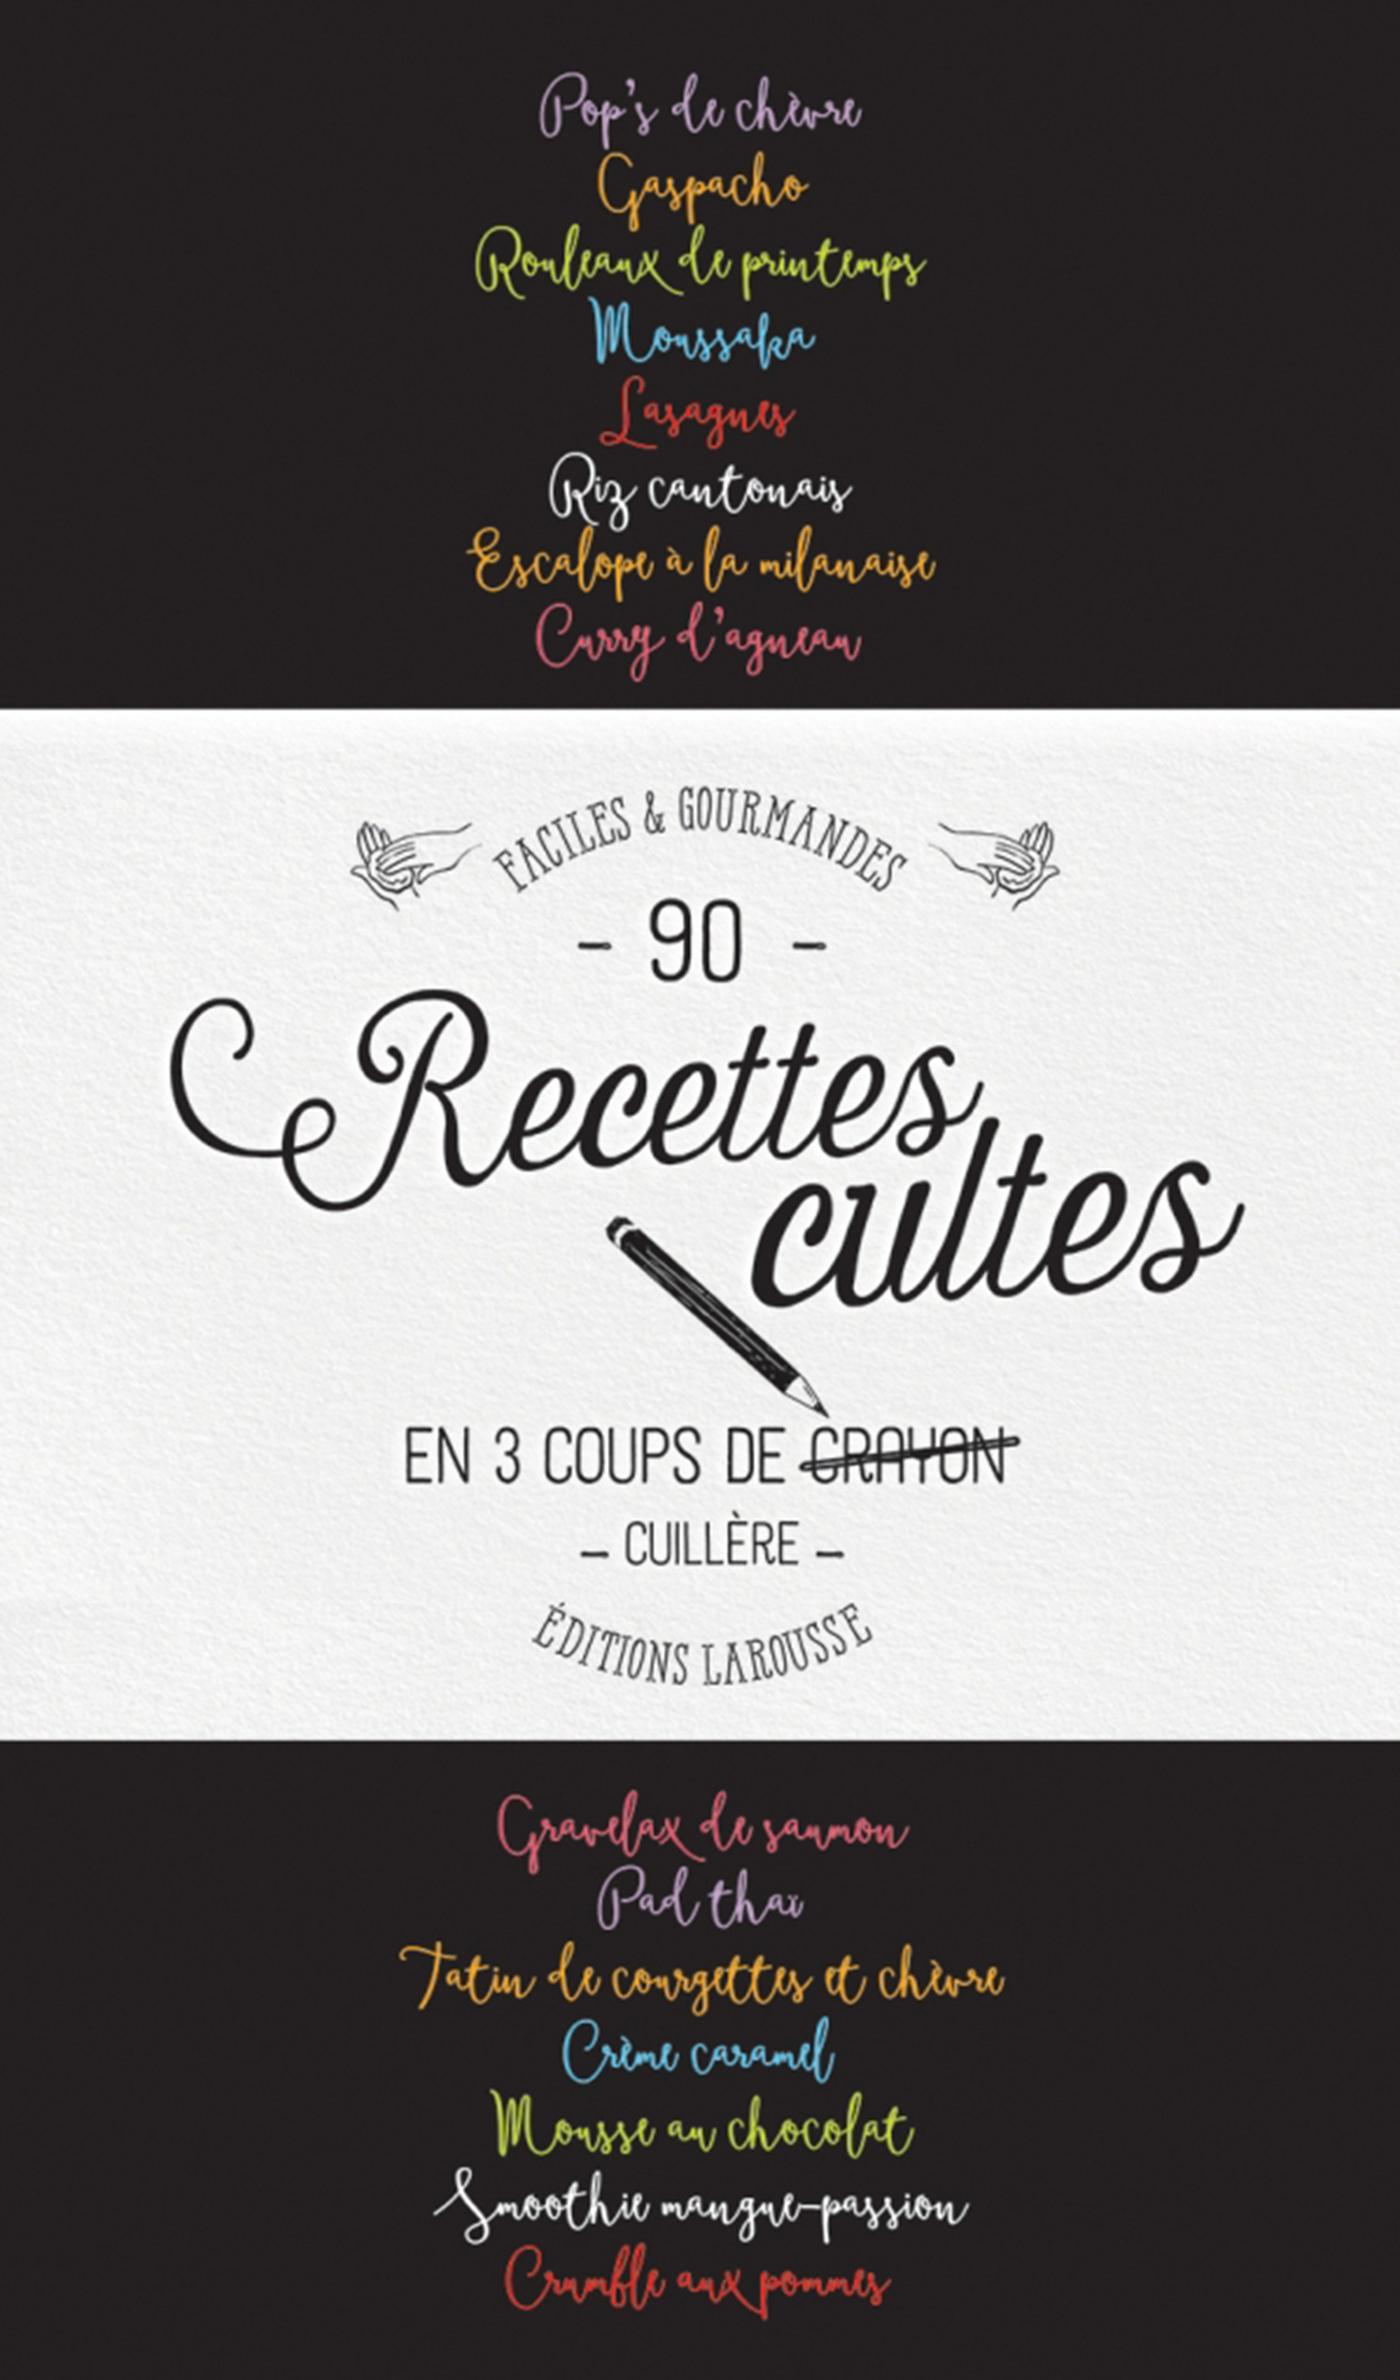 RECETTES CULTES EN 3 COUPS DE CUILLERE